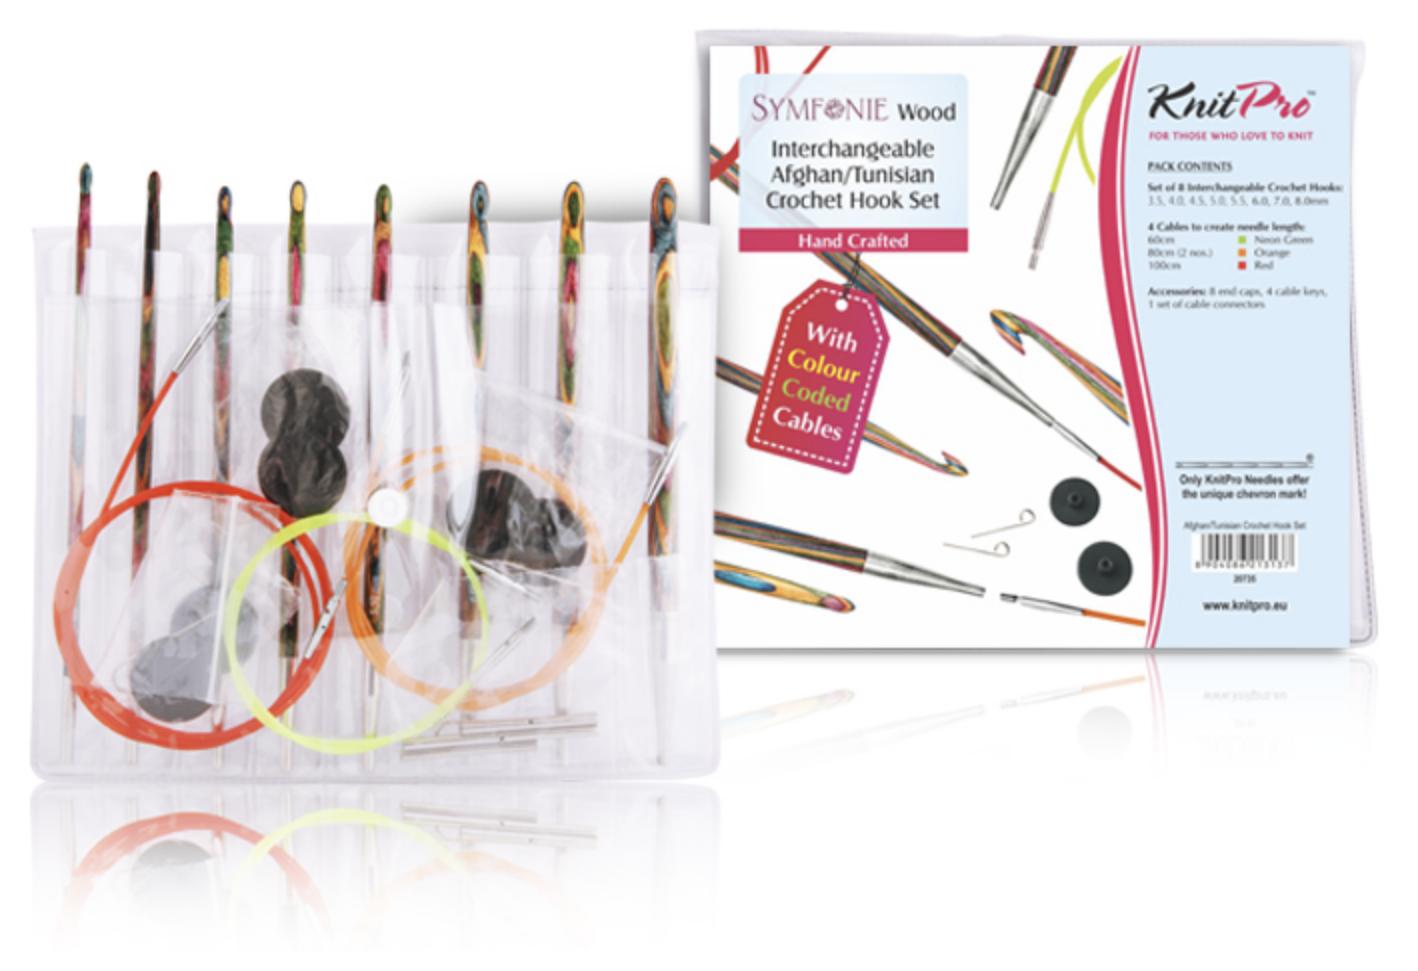 KnitPro Symfonie tunisian crochet set